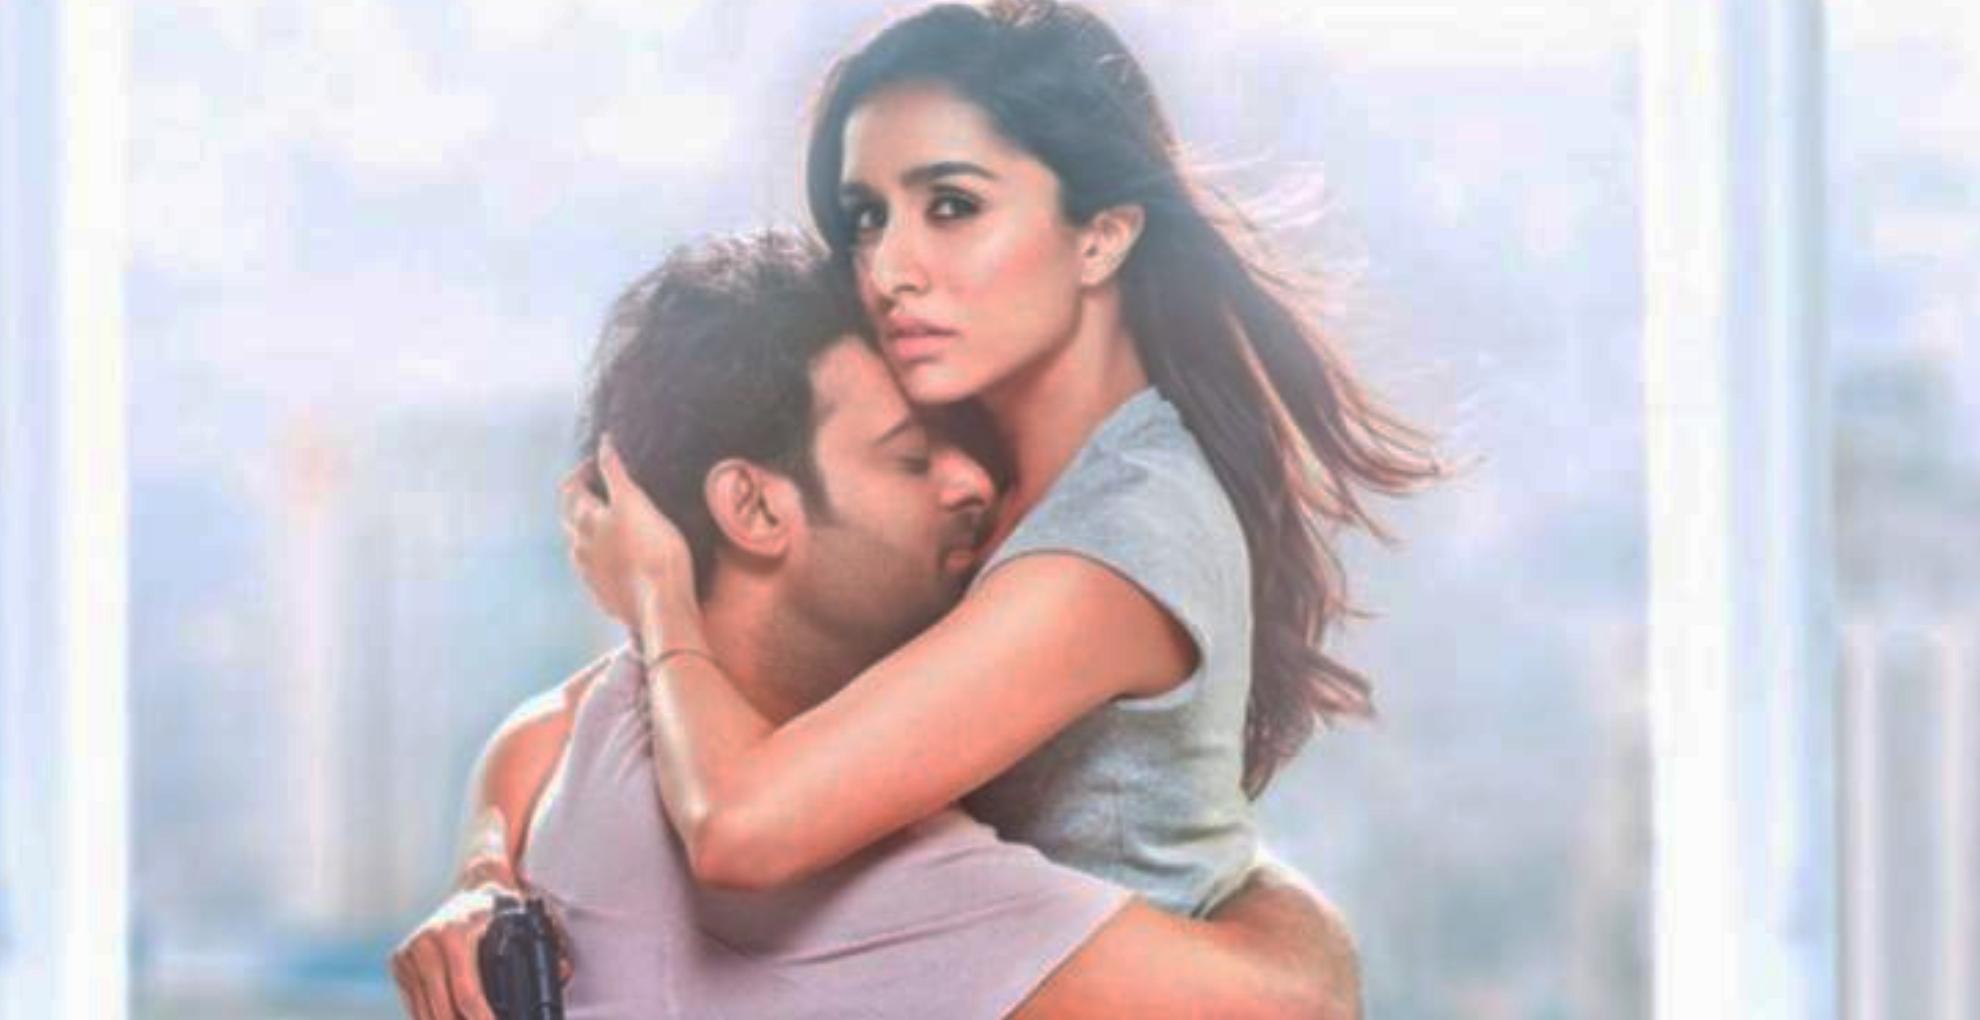 Saaho Movie Leak: तमिलरॉकर्स ने कुछ ही घंटों बाद ऑनलाइन लीक की फिल्म, साहो को होगा नुकसान!